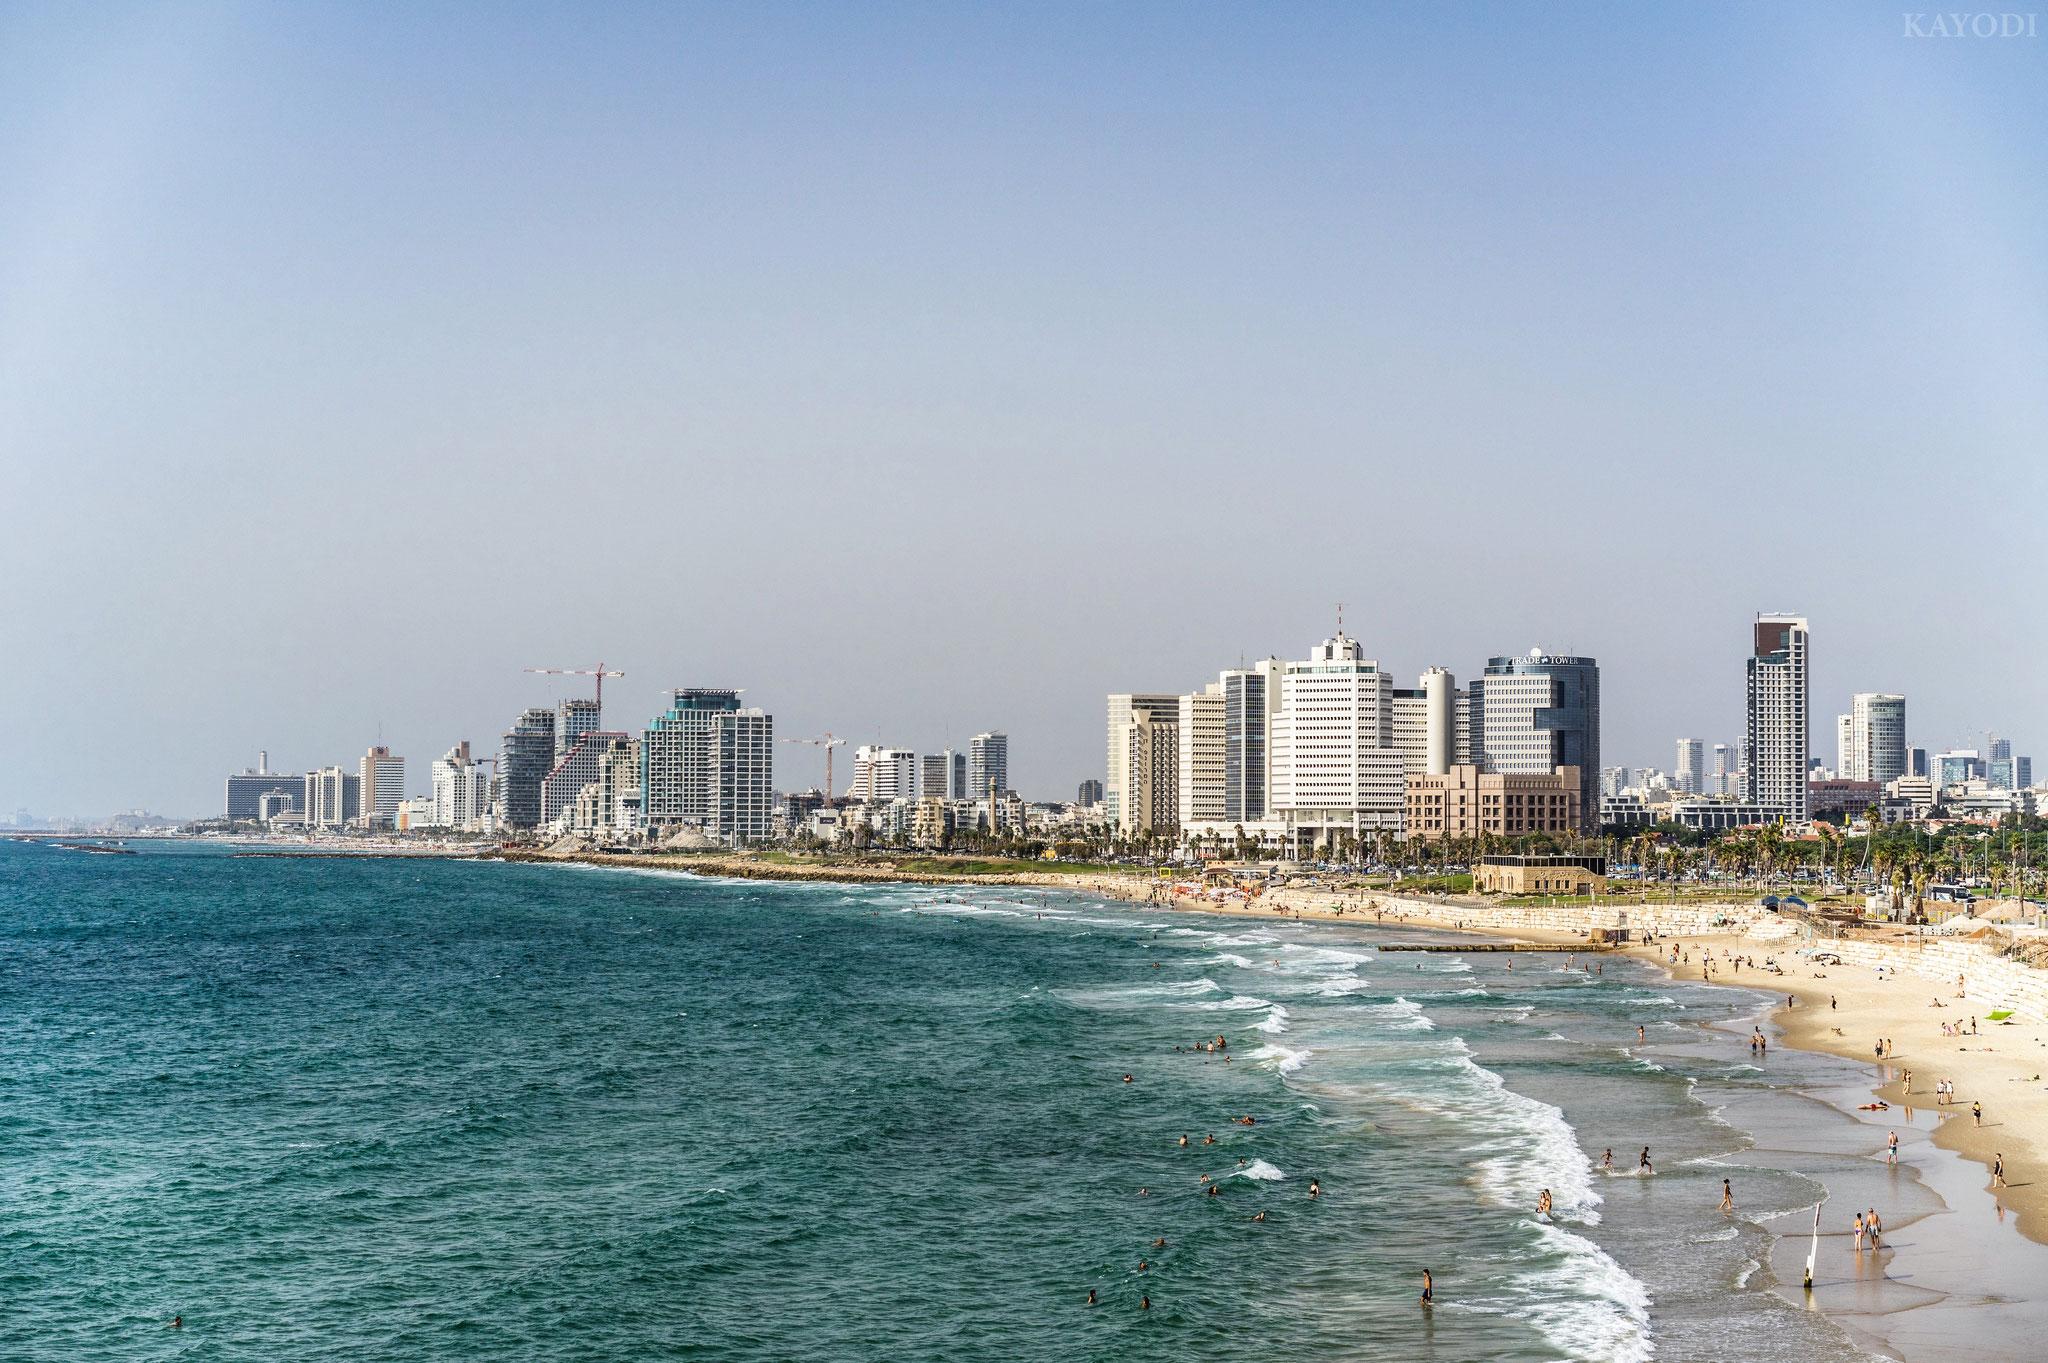 Tel Aviv, Israel 2018